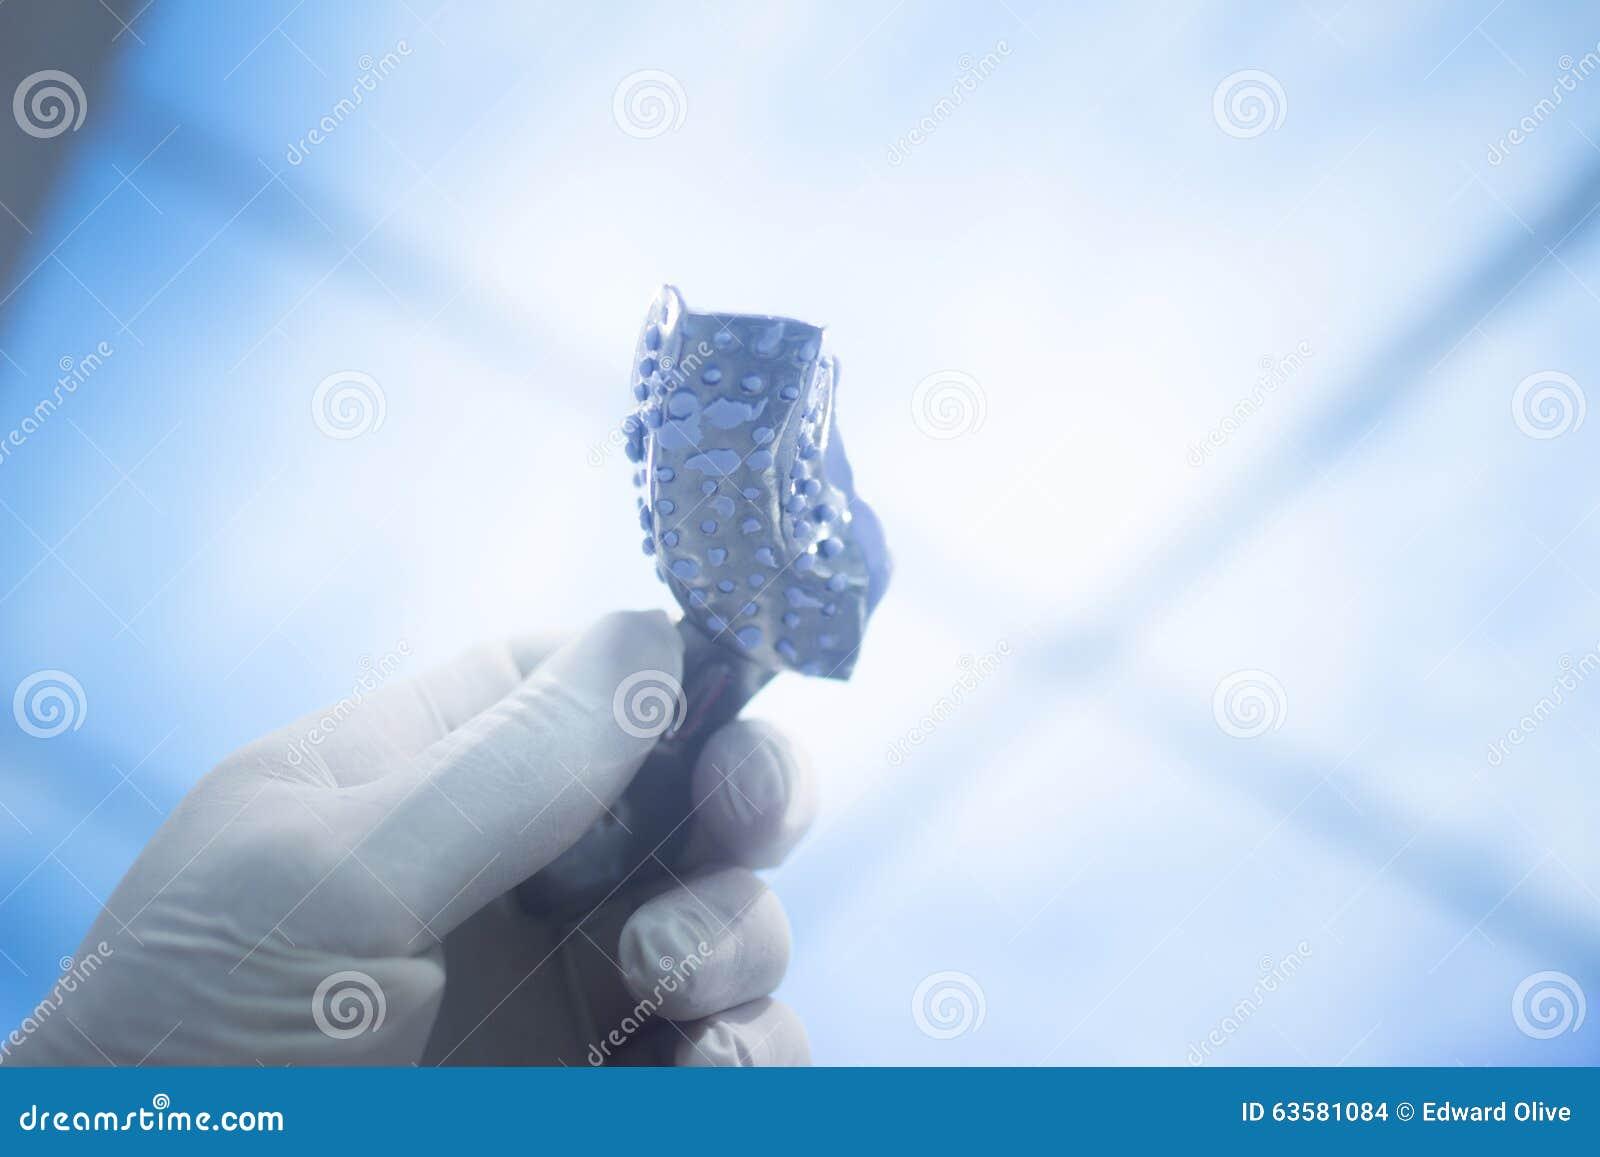 Dental mold dentists clay teeth gel gum plate cast